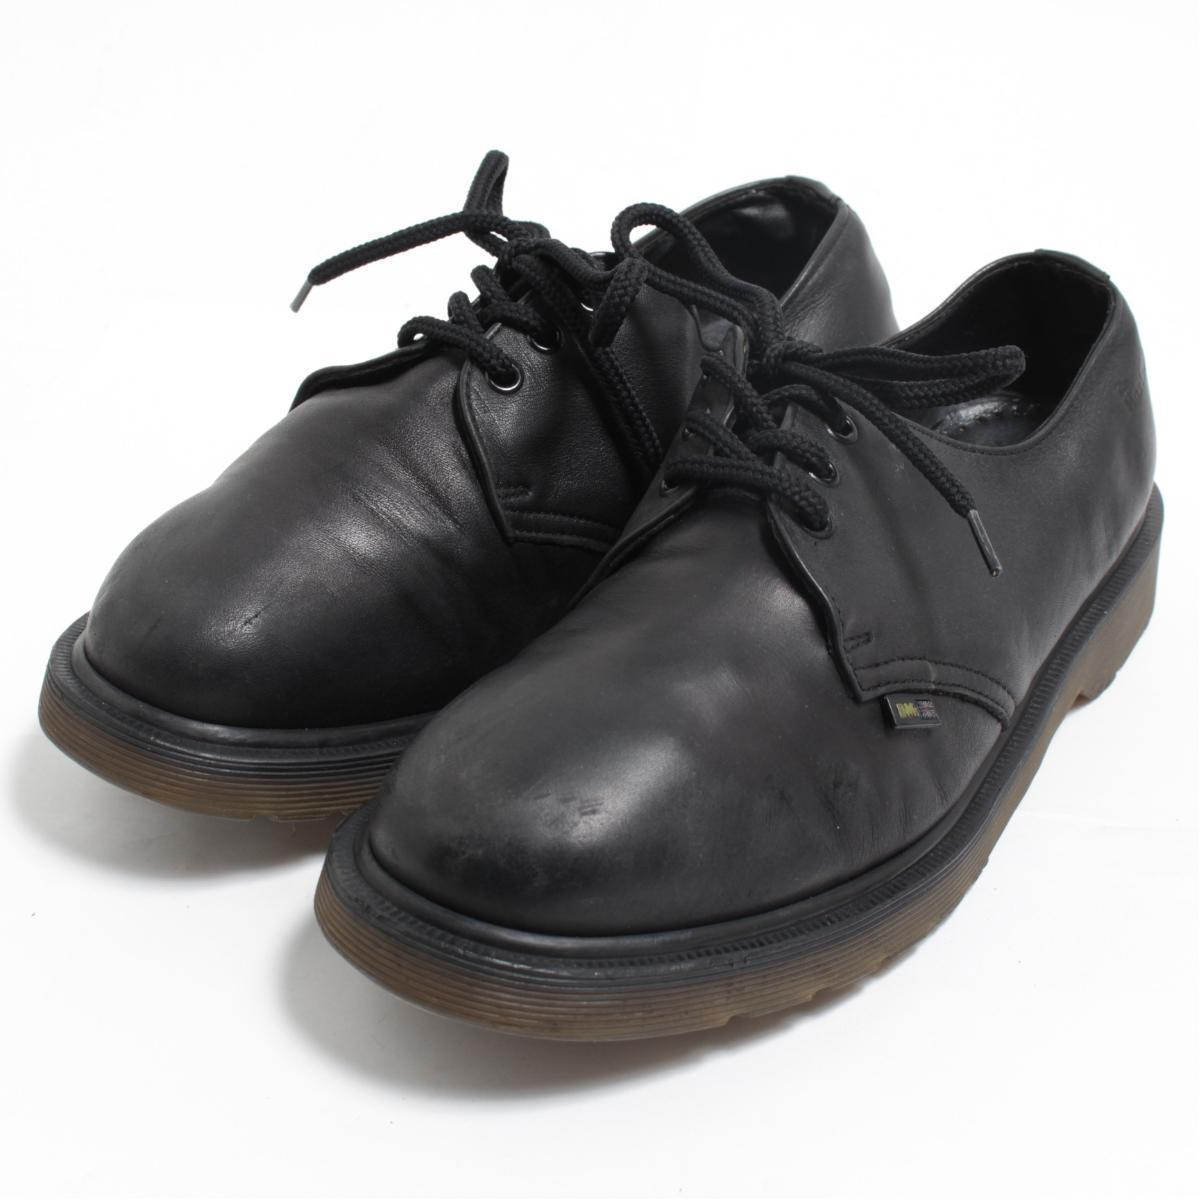 ドクターマーチン Dr.Martens 3ホールシューズ 英国製 UK9 メンズ27.5cm /bom3736 【中古】 【180420】